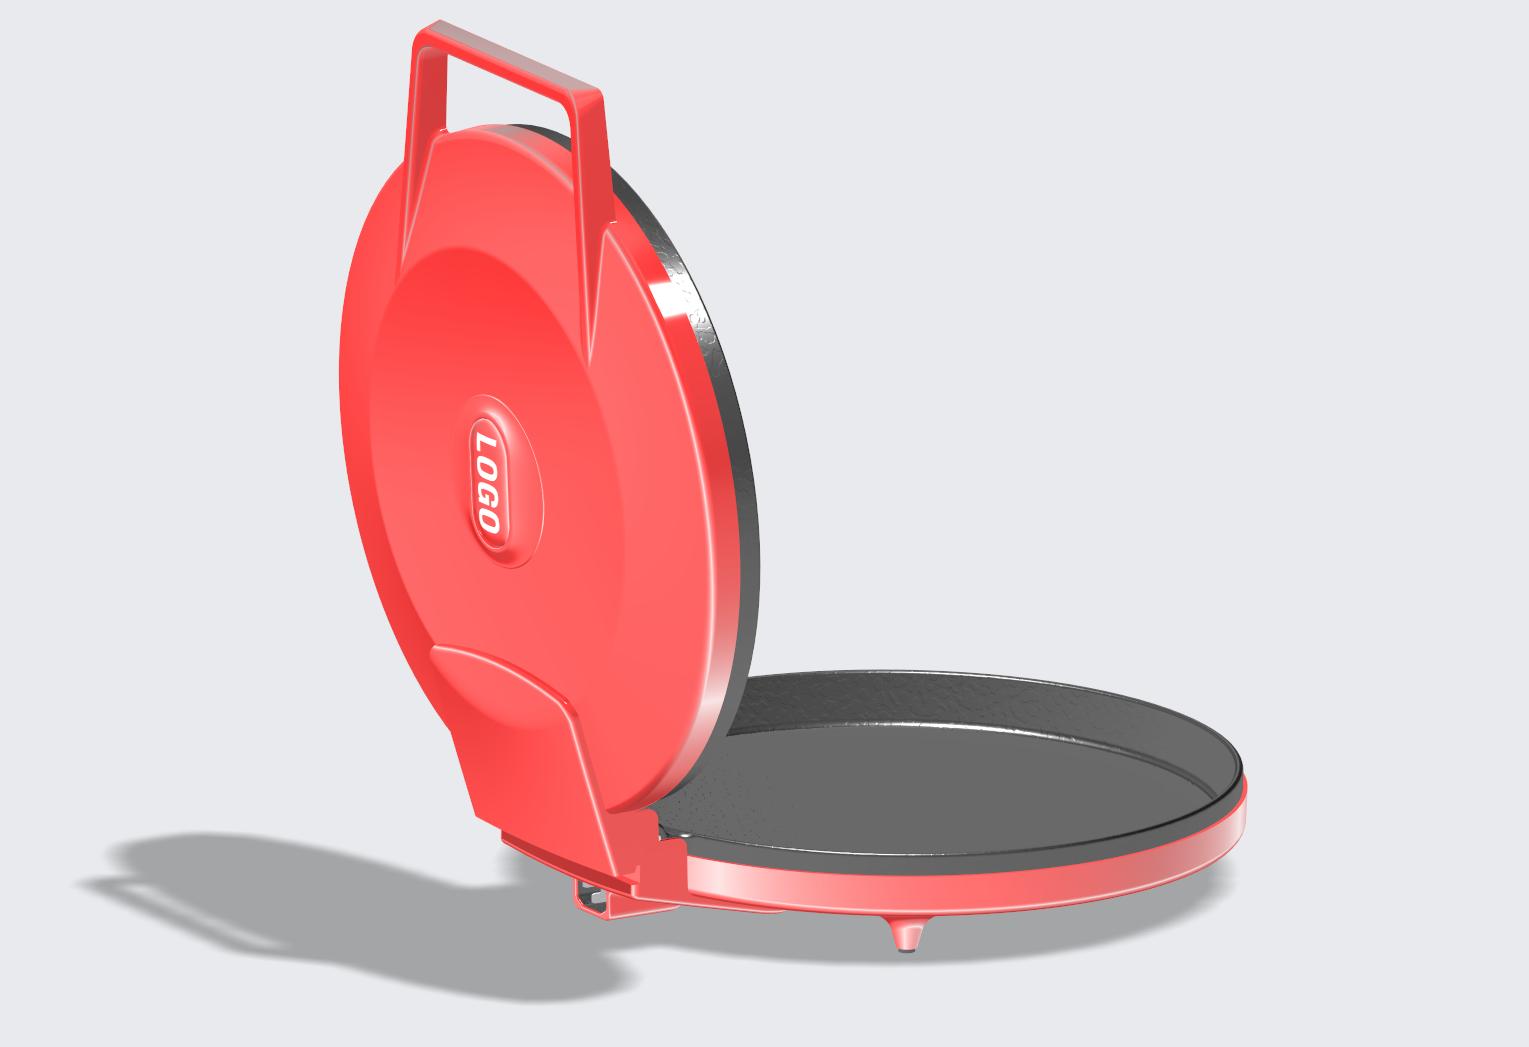 披萨机、电饼铛、煎饼机家电产品设计 飞特网 原创产品设计